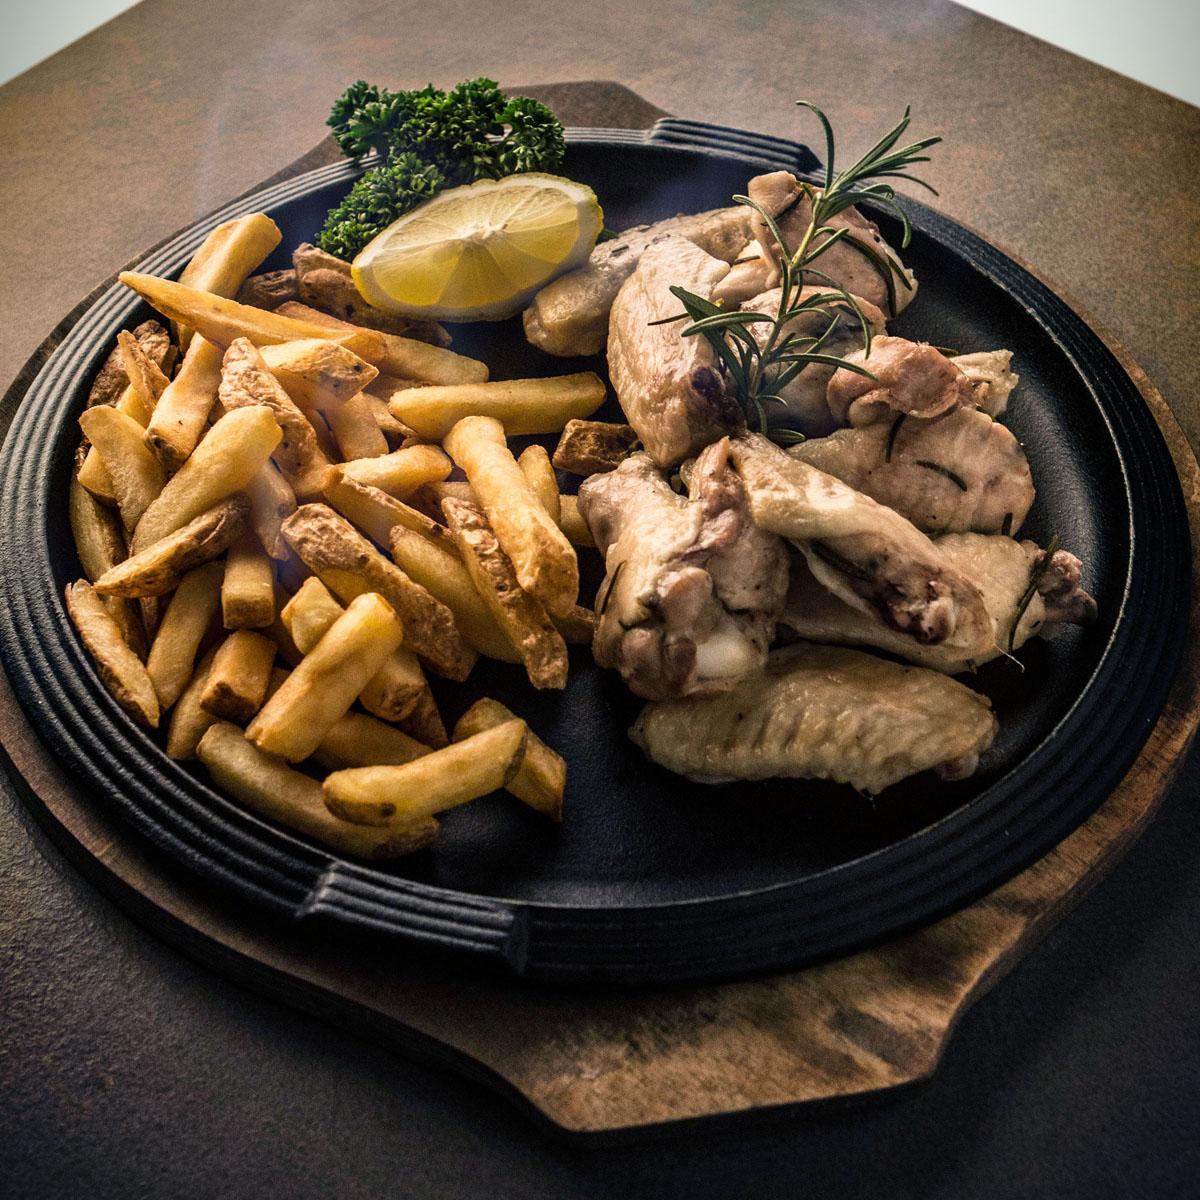 Alette di pollo al forno con ketcup e patatine stealth